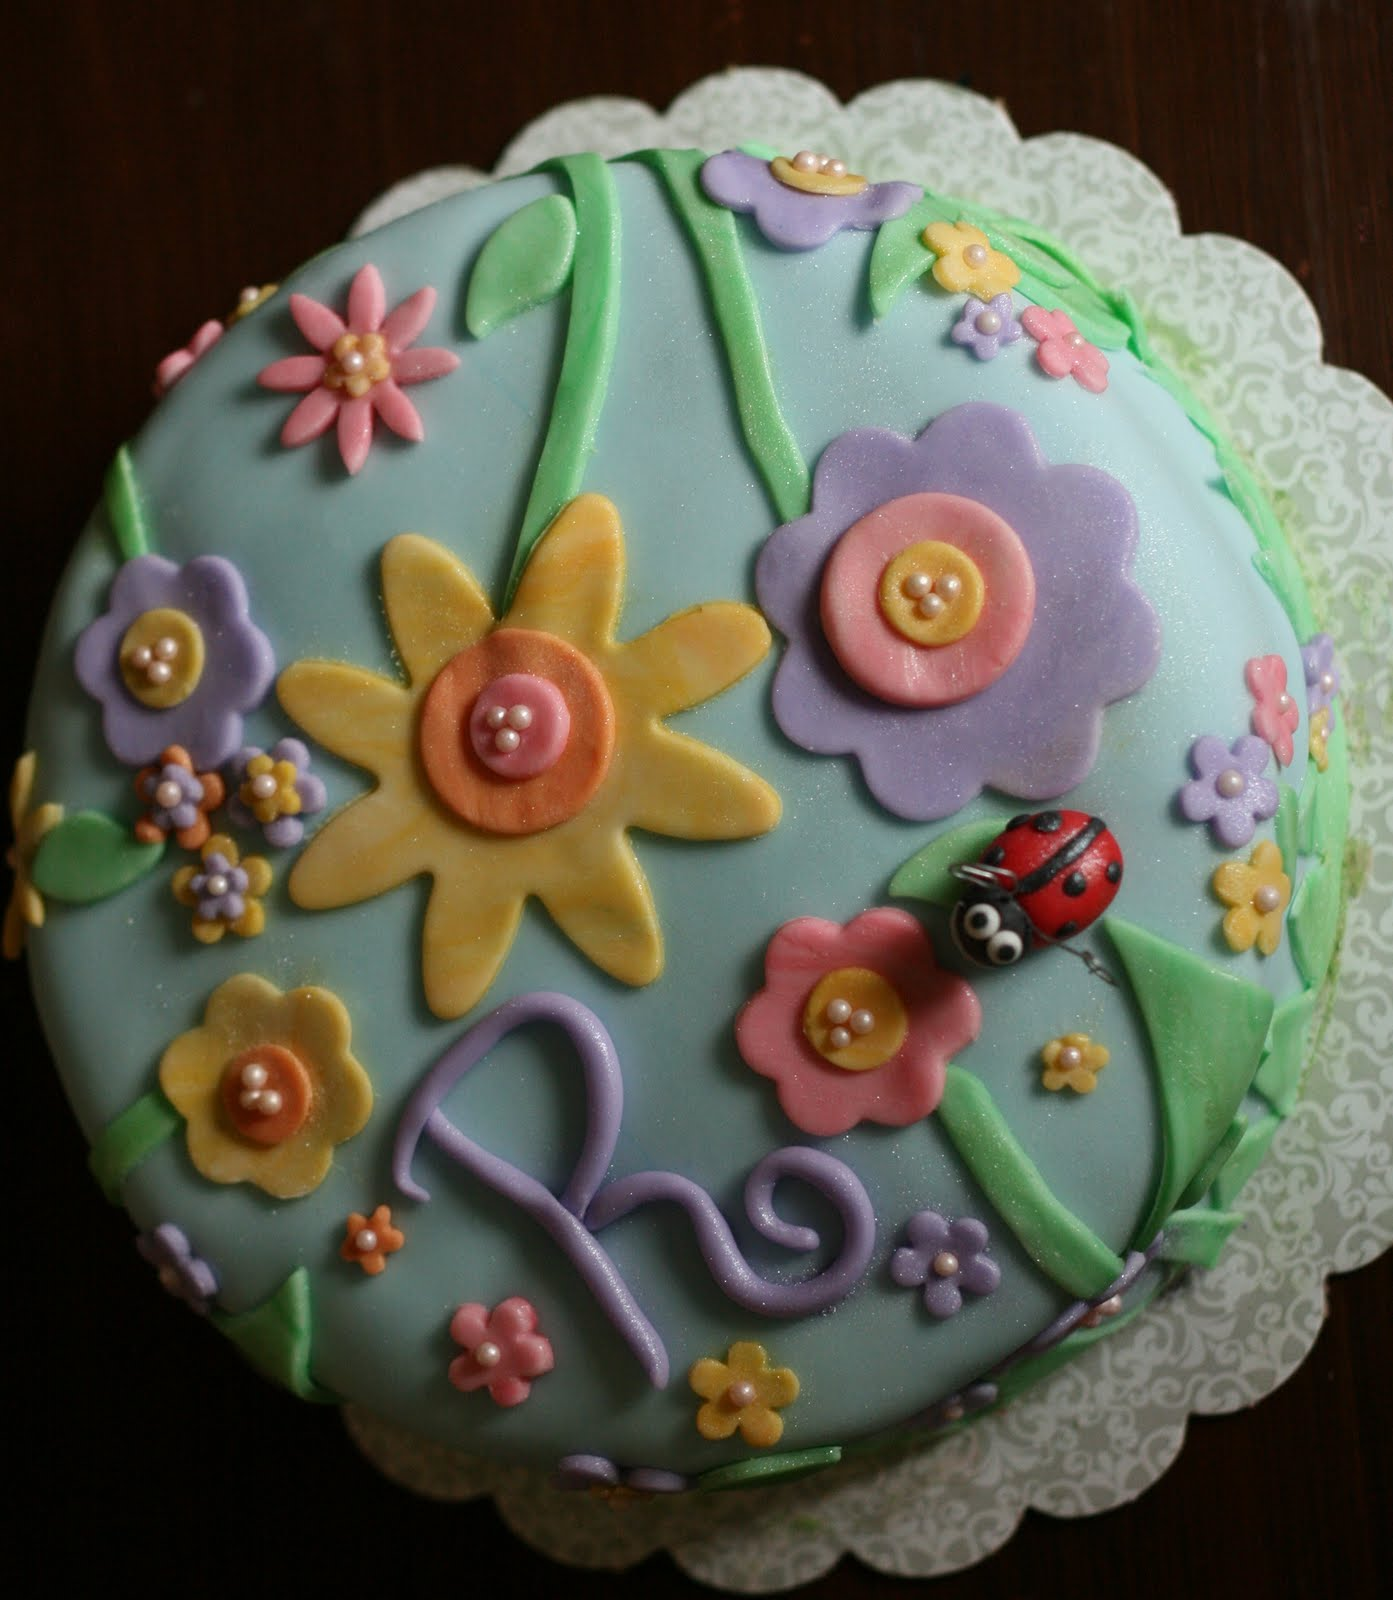 12 Rachel Birthday Cakes Ideas Photo Happy Birthday Rachel Cake